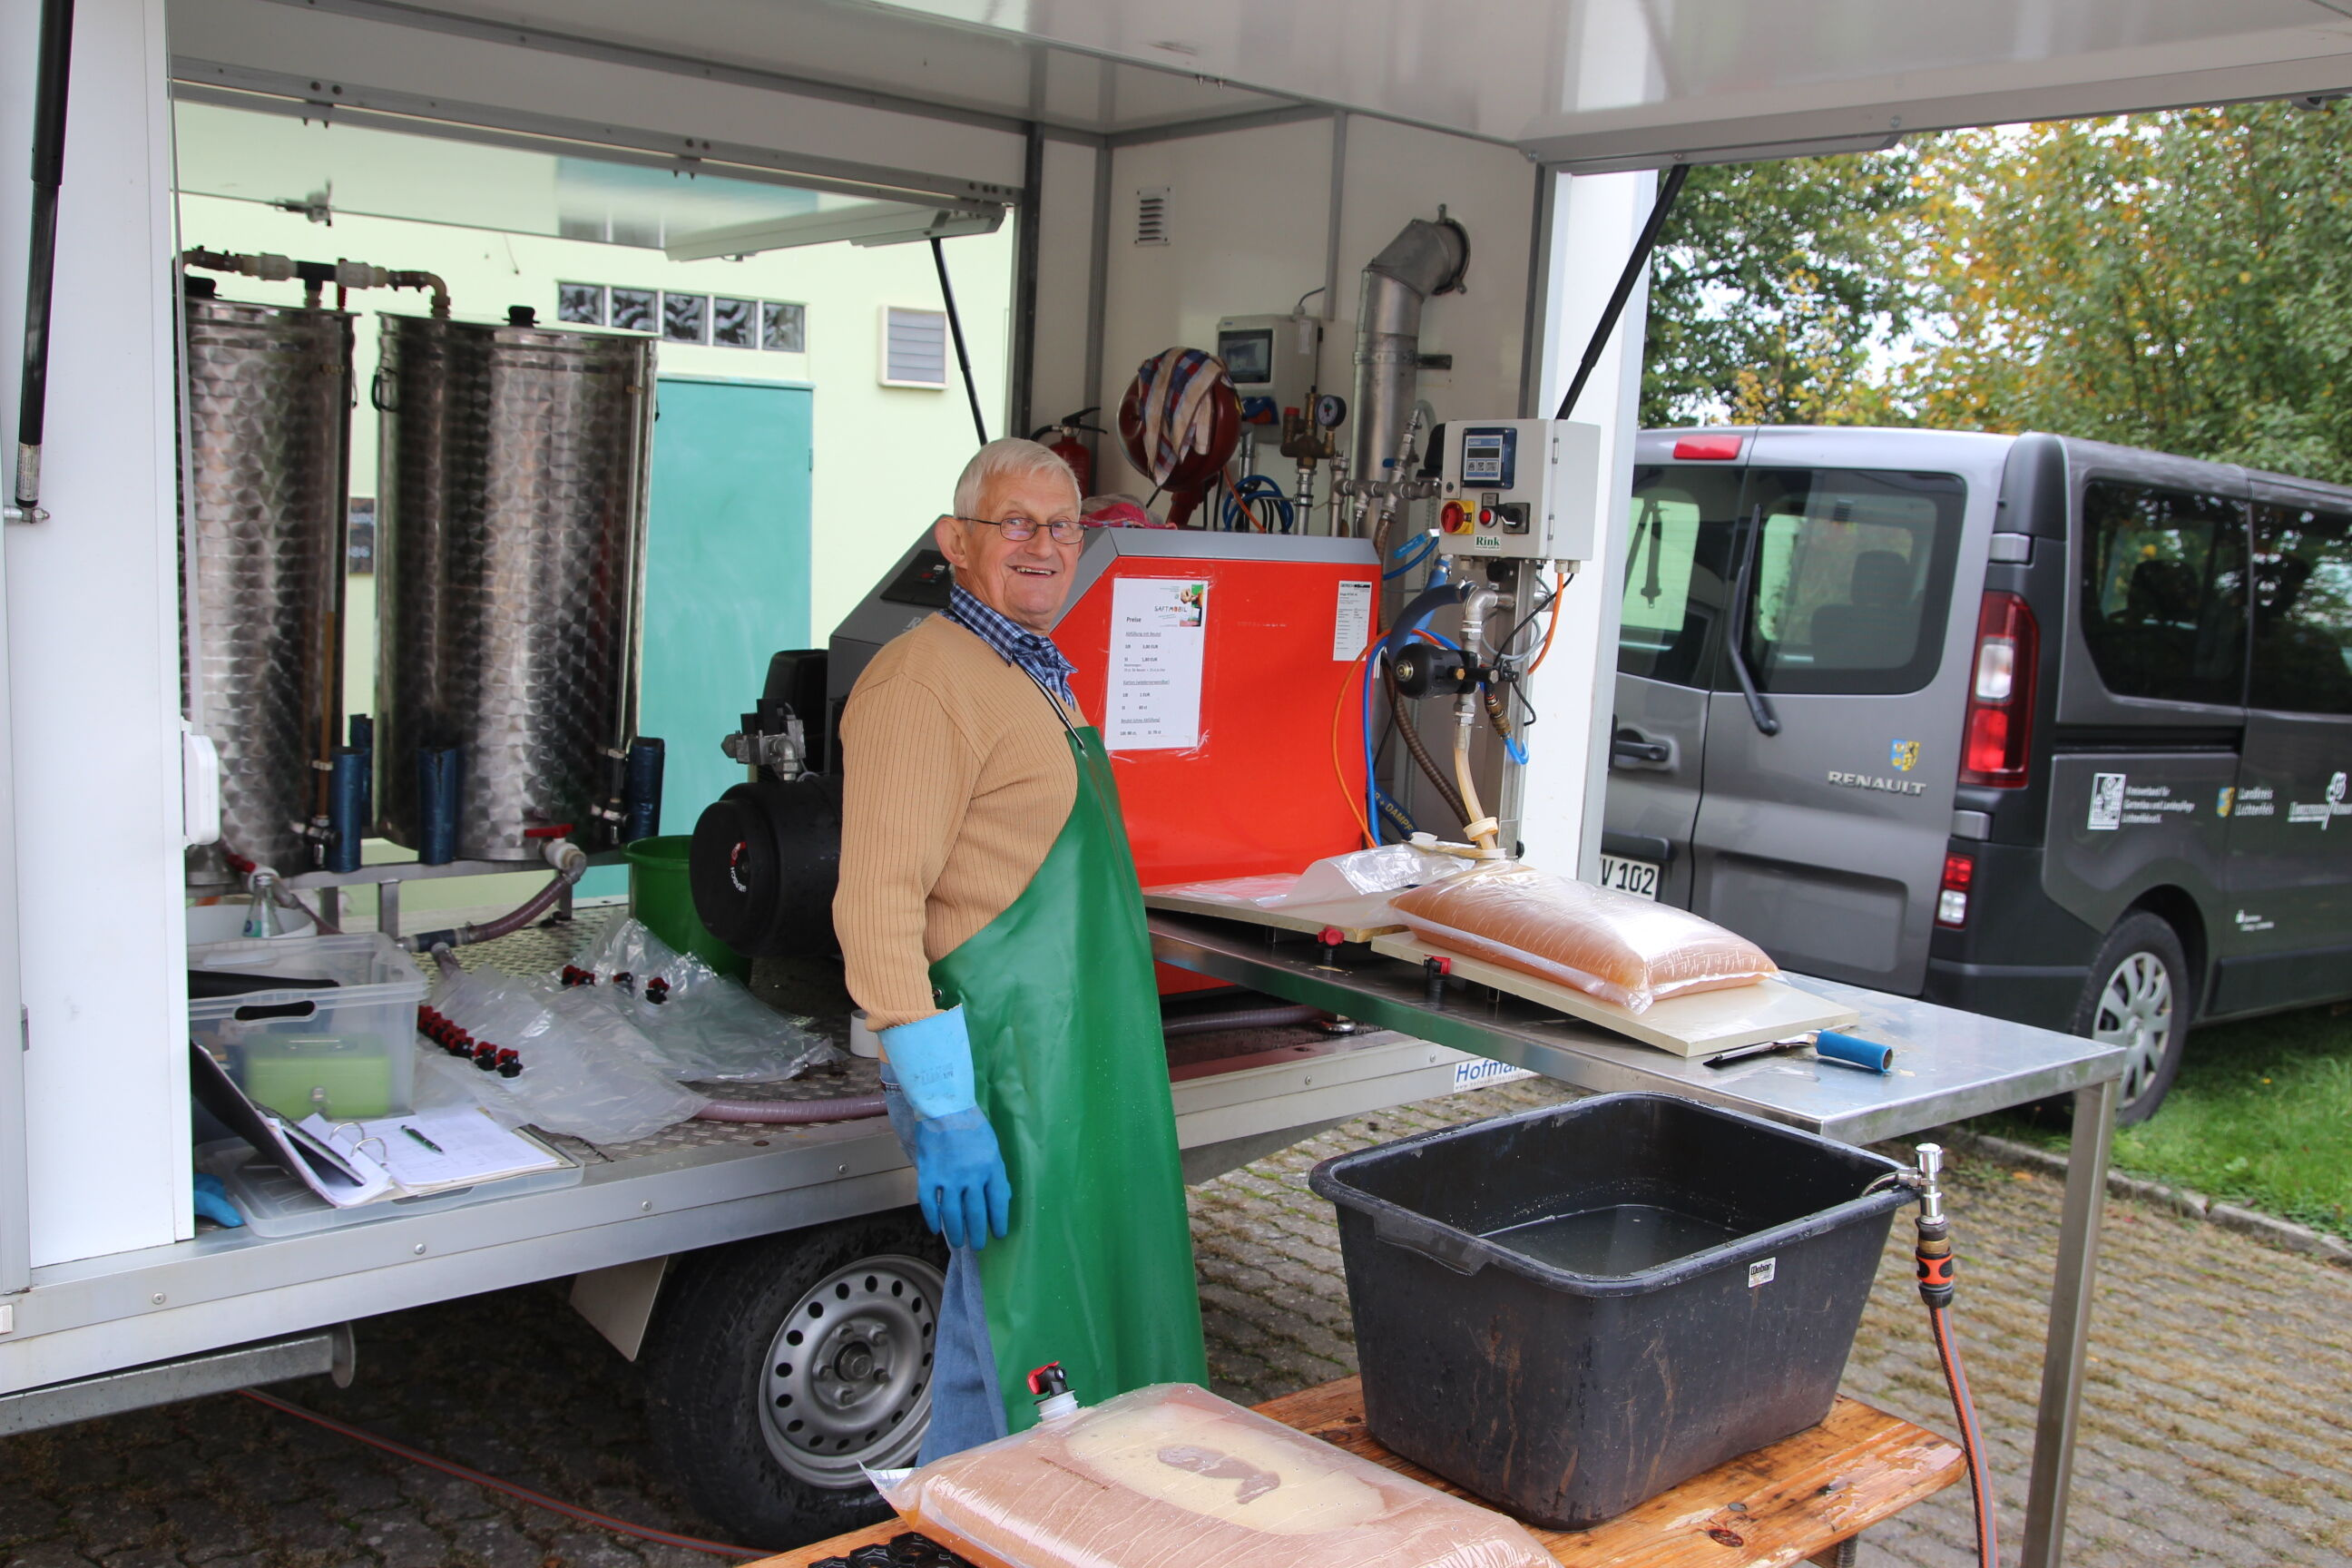 Georg Hofmann vom Team des Kreisverbandes füllt am Saftmobil den frisch gepressten Saft in die Bag-in-Box-Beutel ab. Foto: Umweltstation Weismain/ Mic